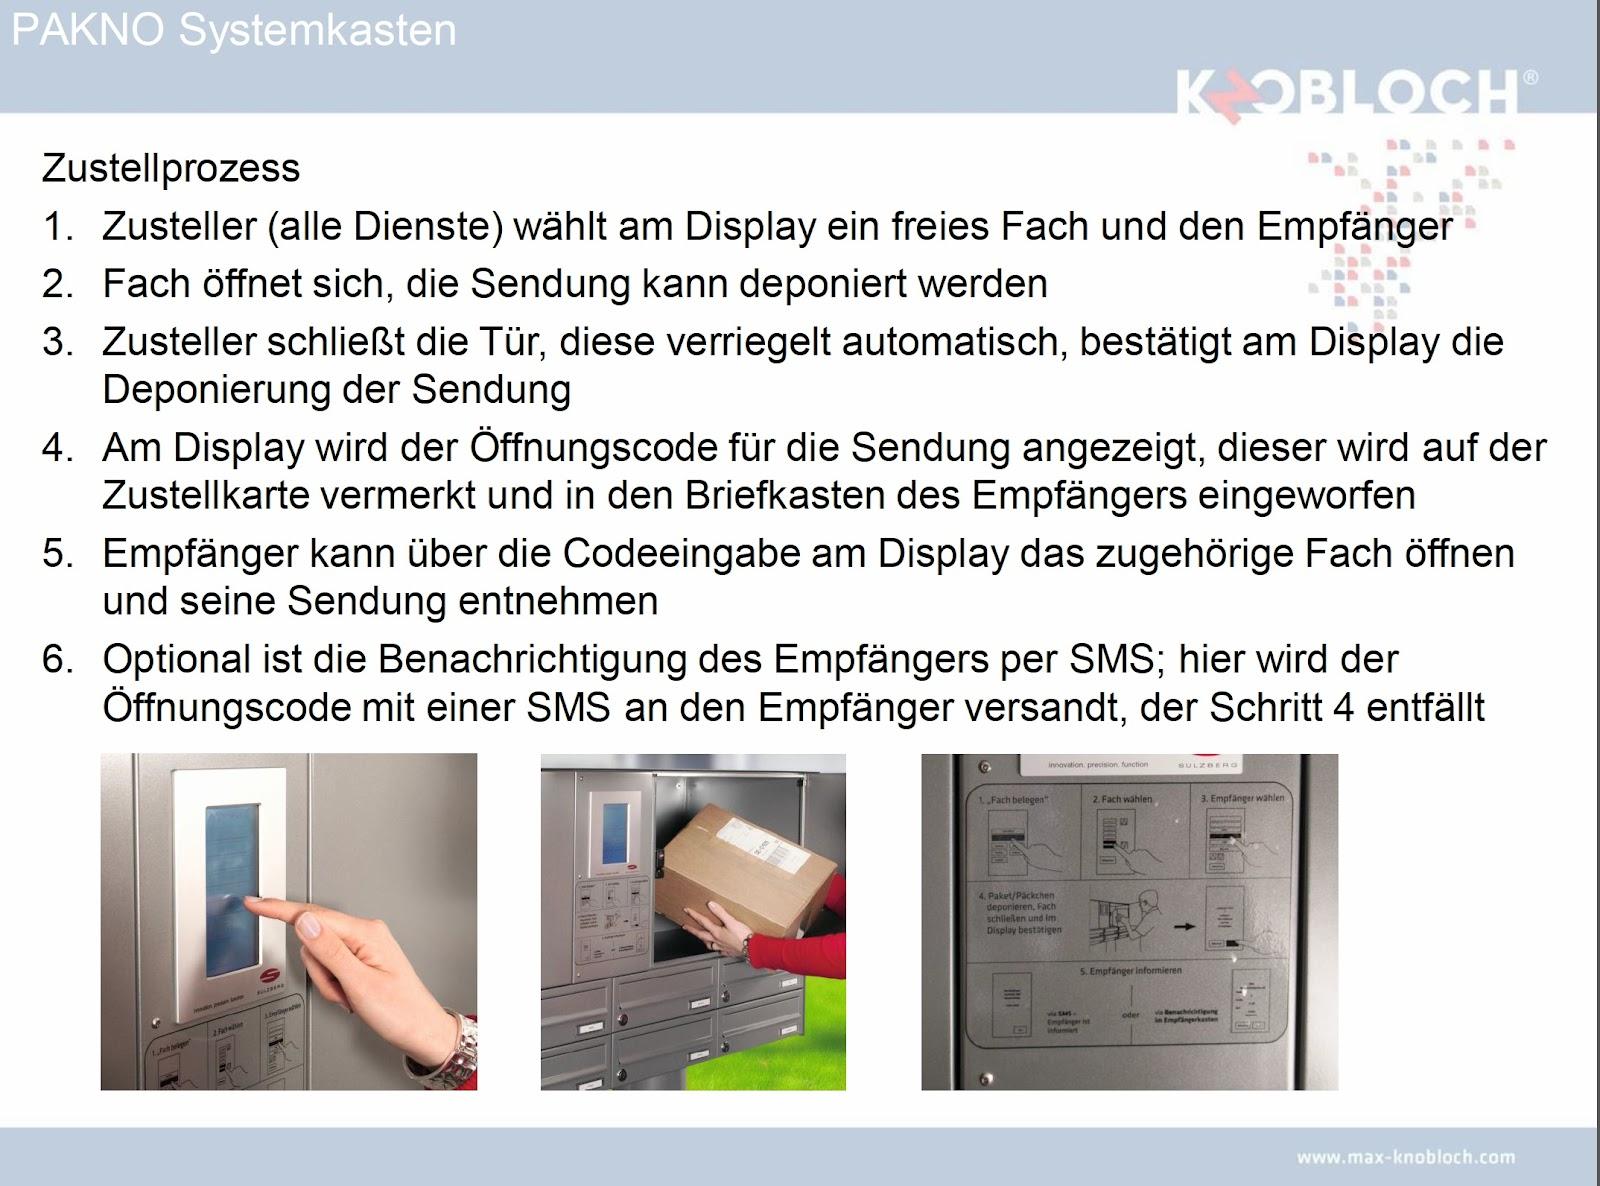 KNOBLOCH_Paketkästen_pdf V.jpg